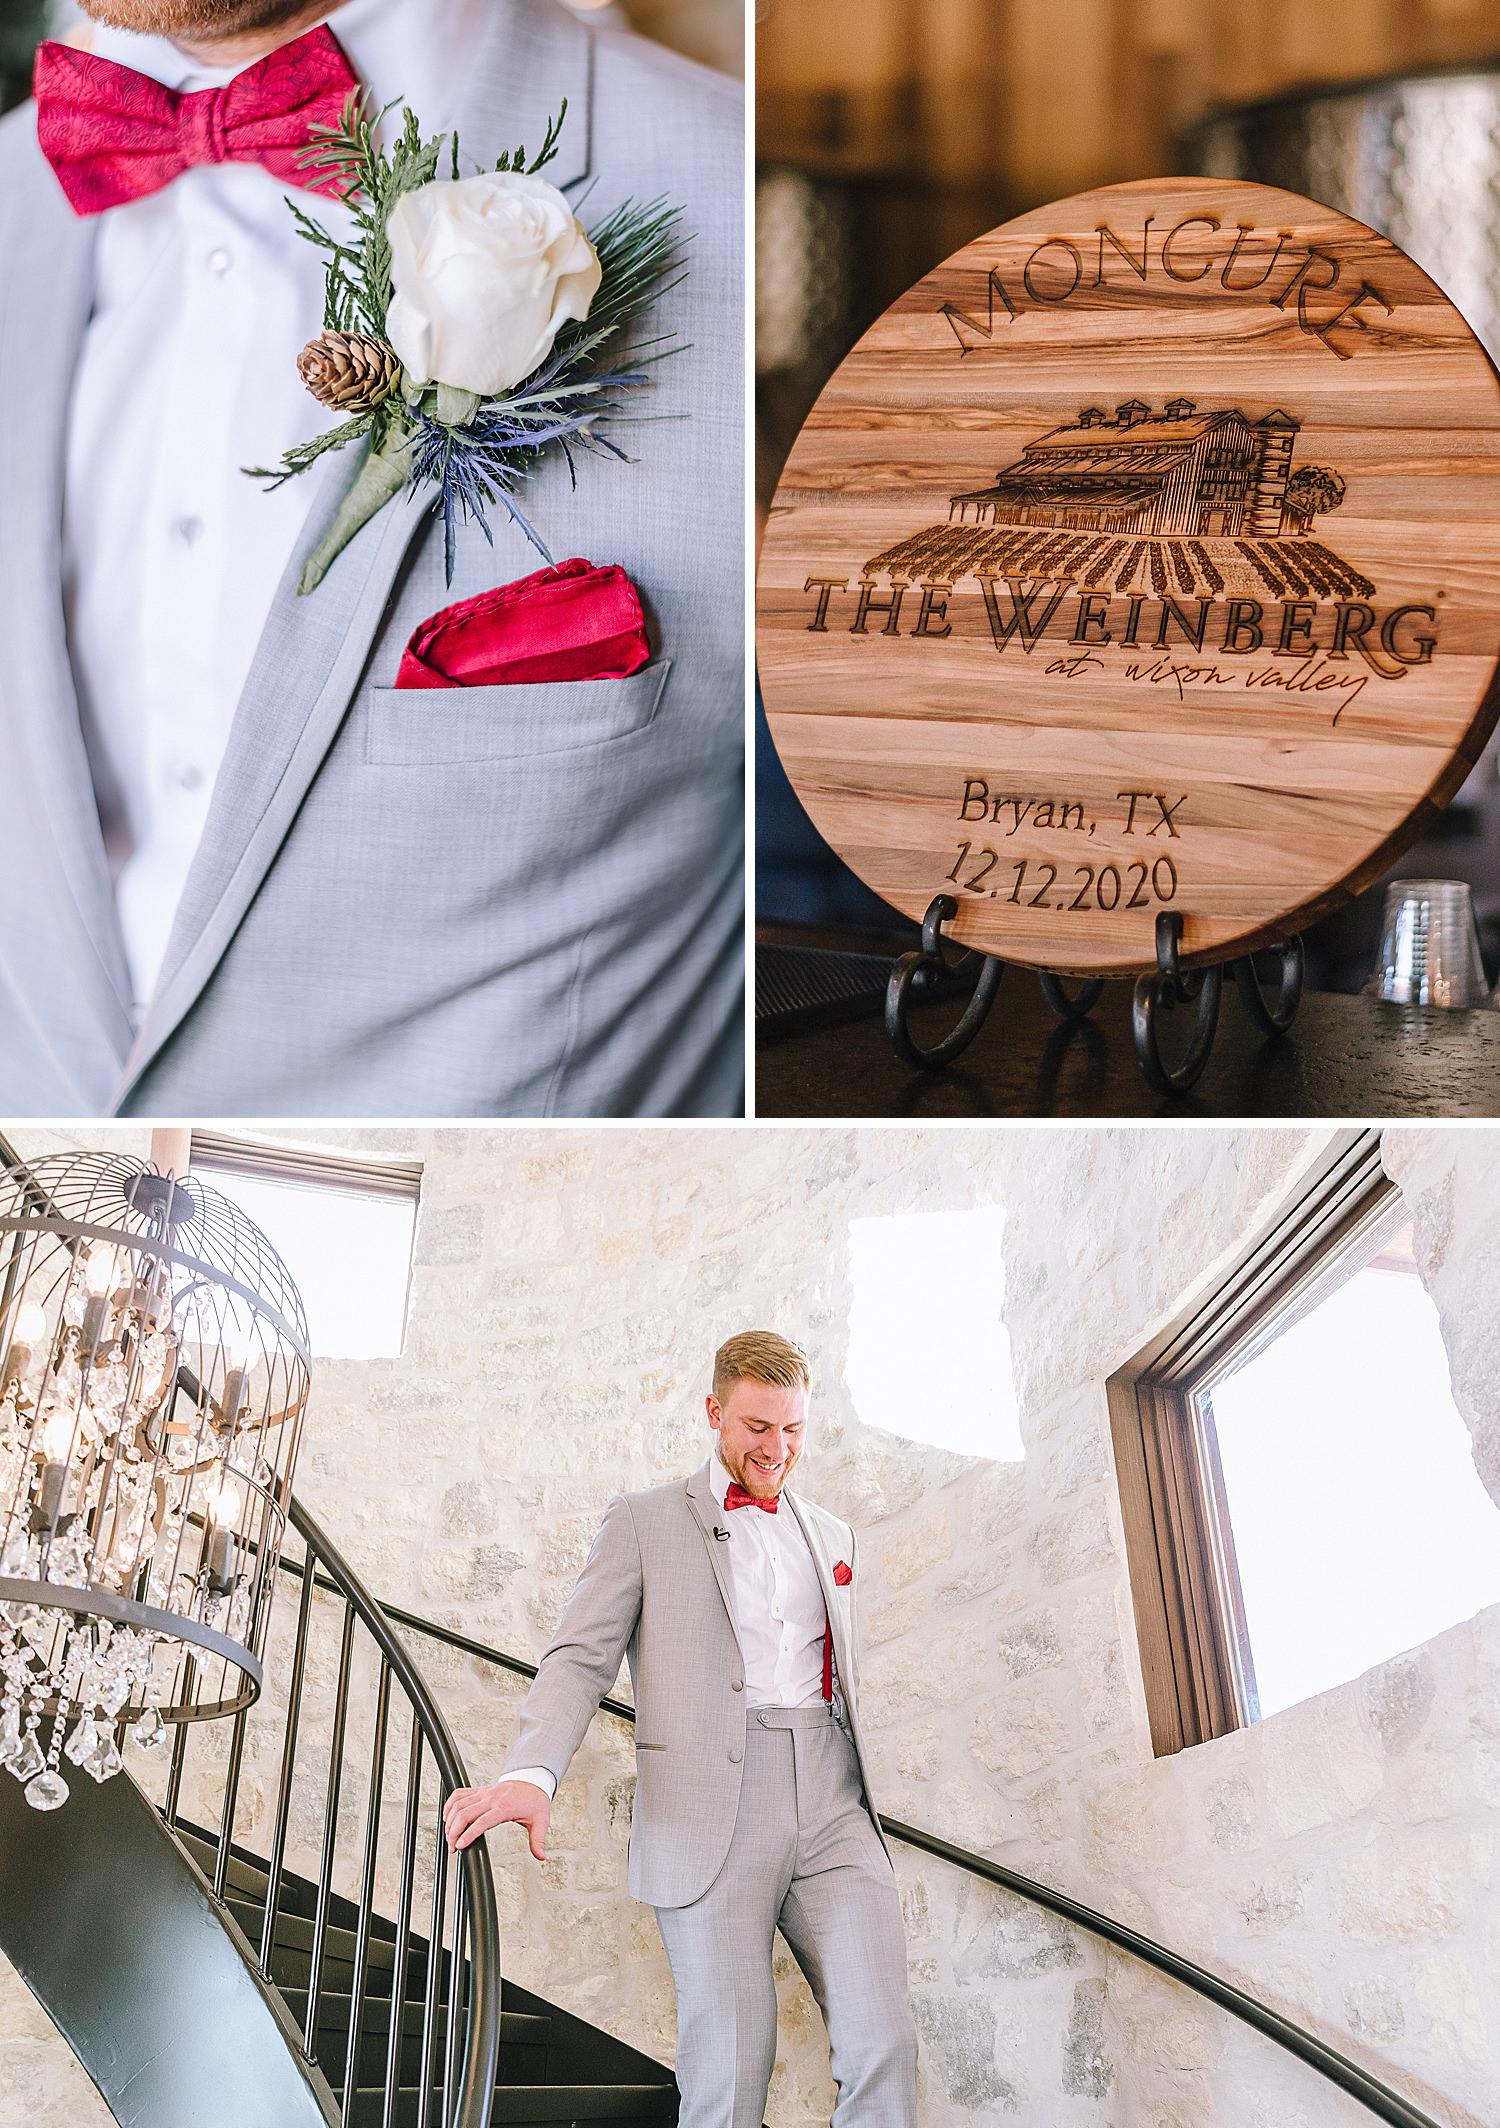 College-Station-Aggie-Wedding-The-Weinberg-at-Wixon-Valley-Christmas-Hallmark-Wedding_0020.jpg